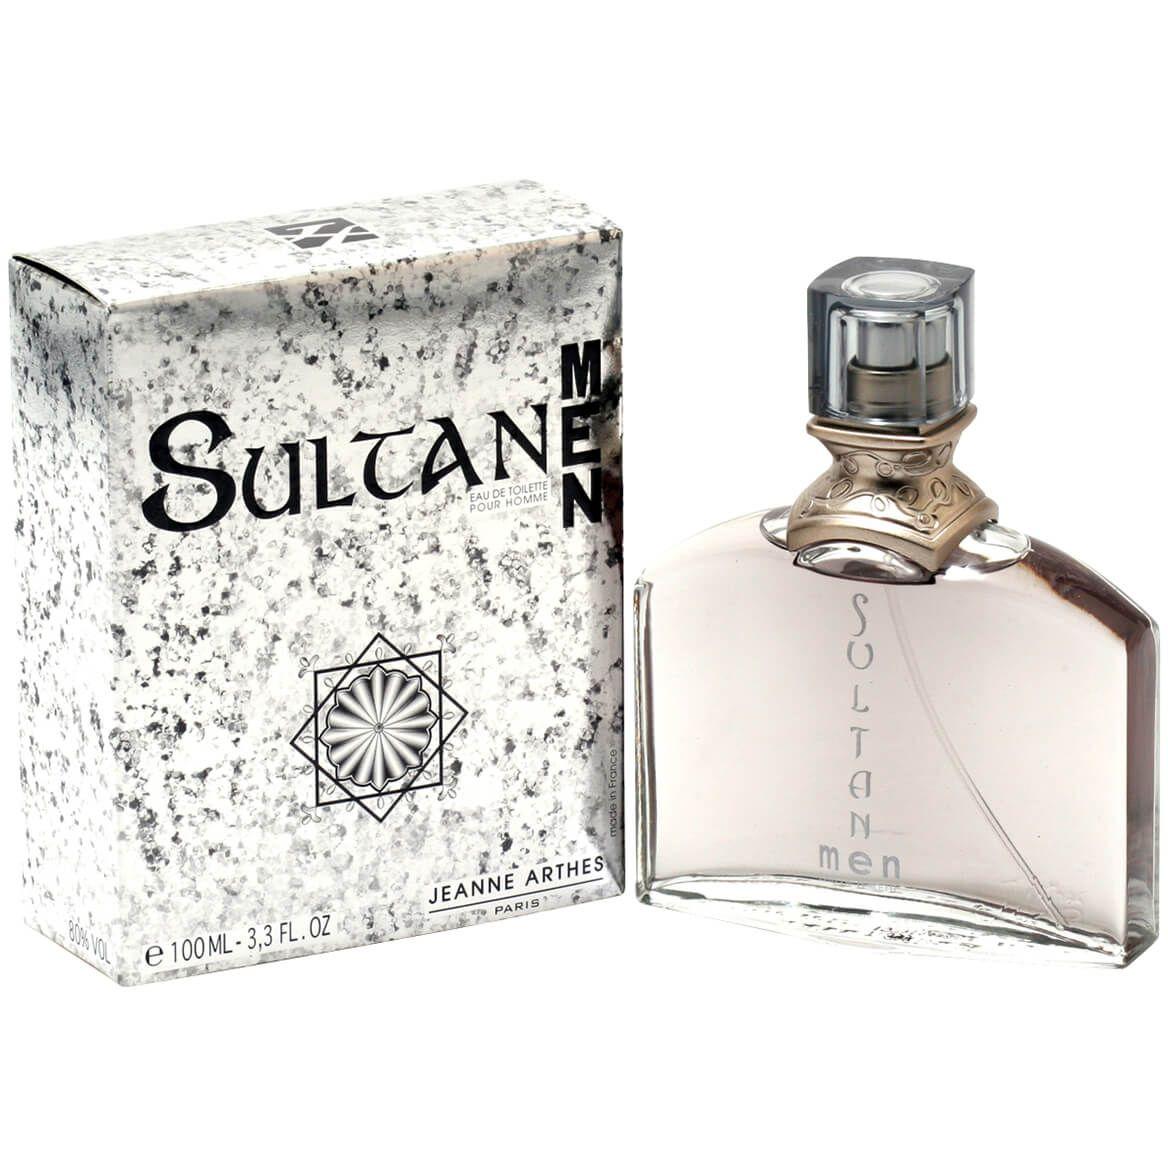 Jeanne Arthes Sultan Men, EDT Spray 3.3oz-363130